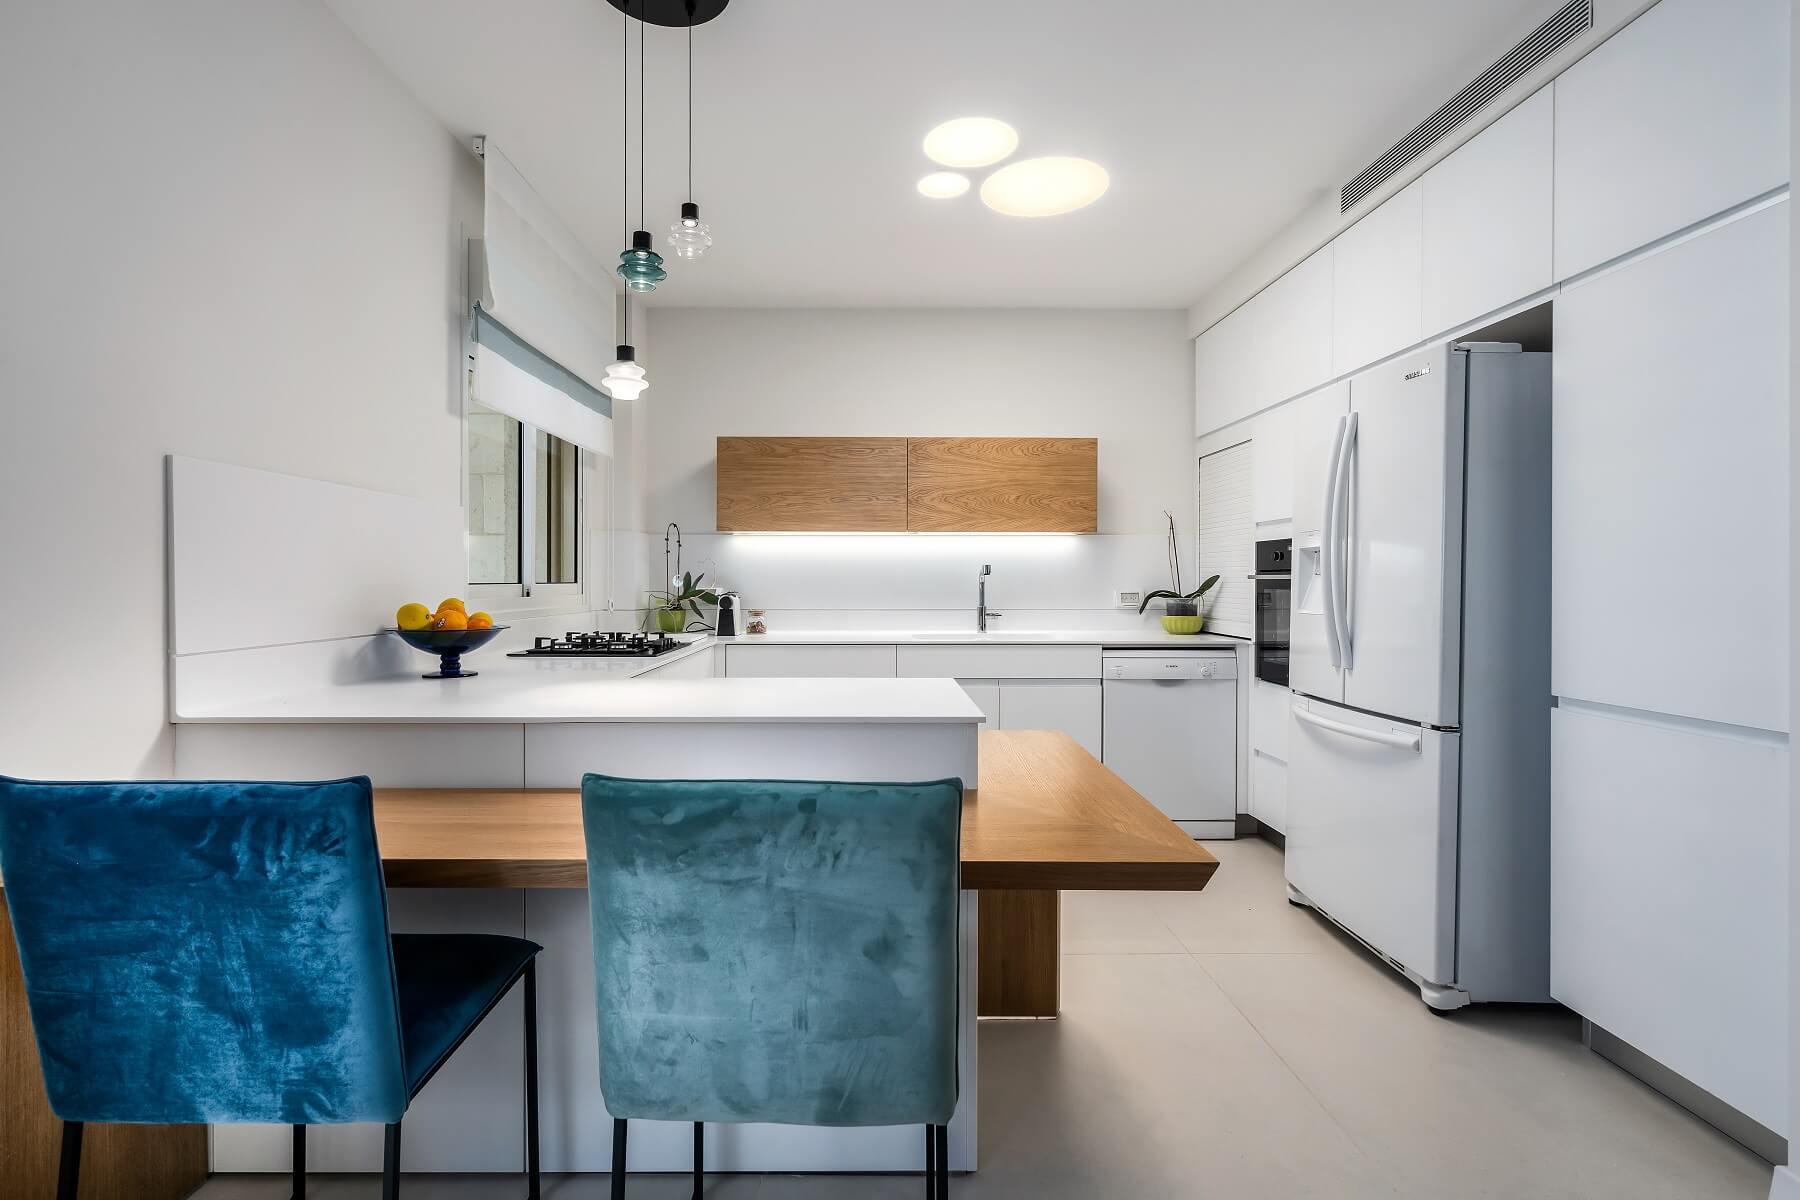 עיצוב מטבח עי שרה מאור- מטבחי דקל